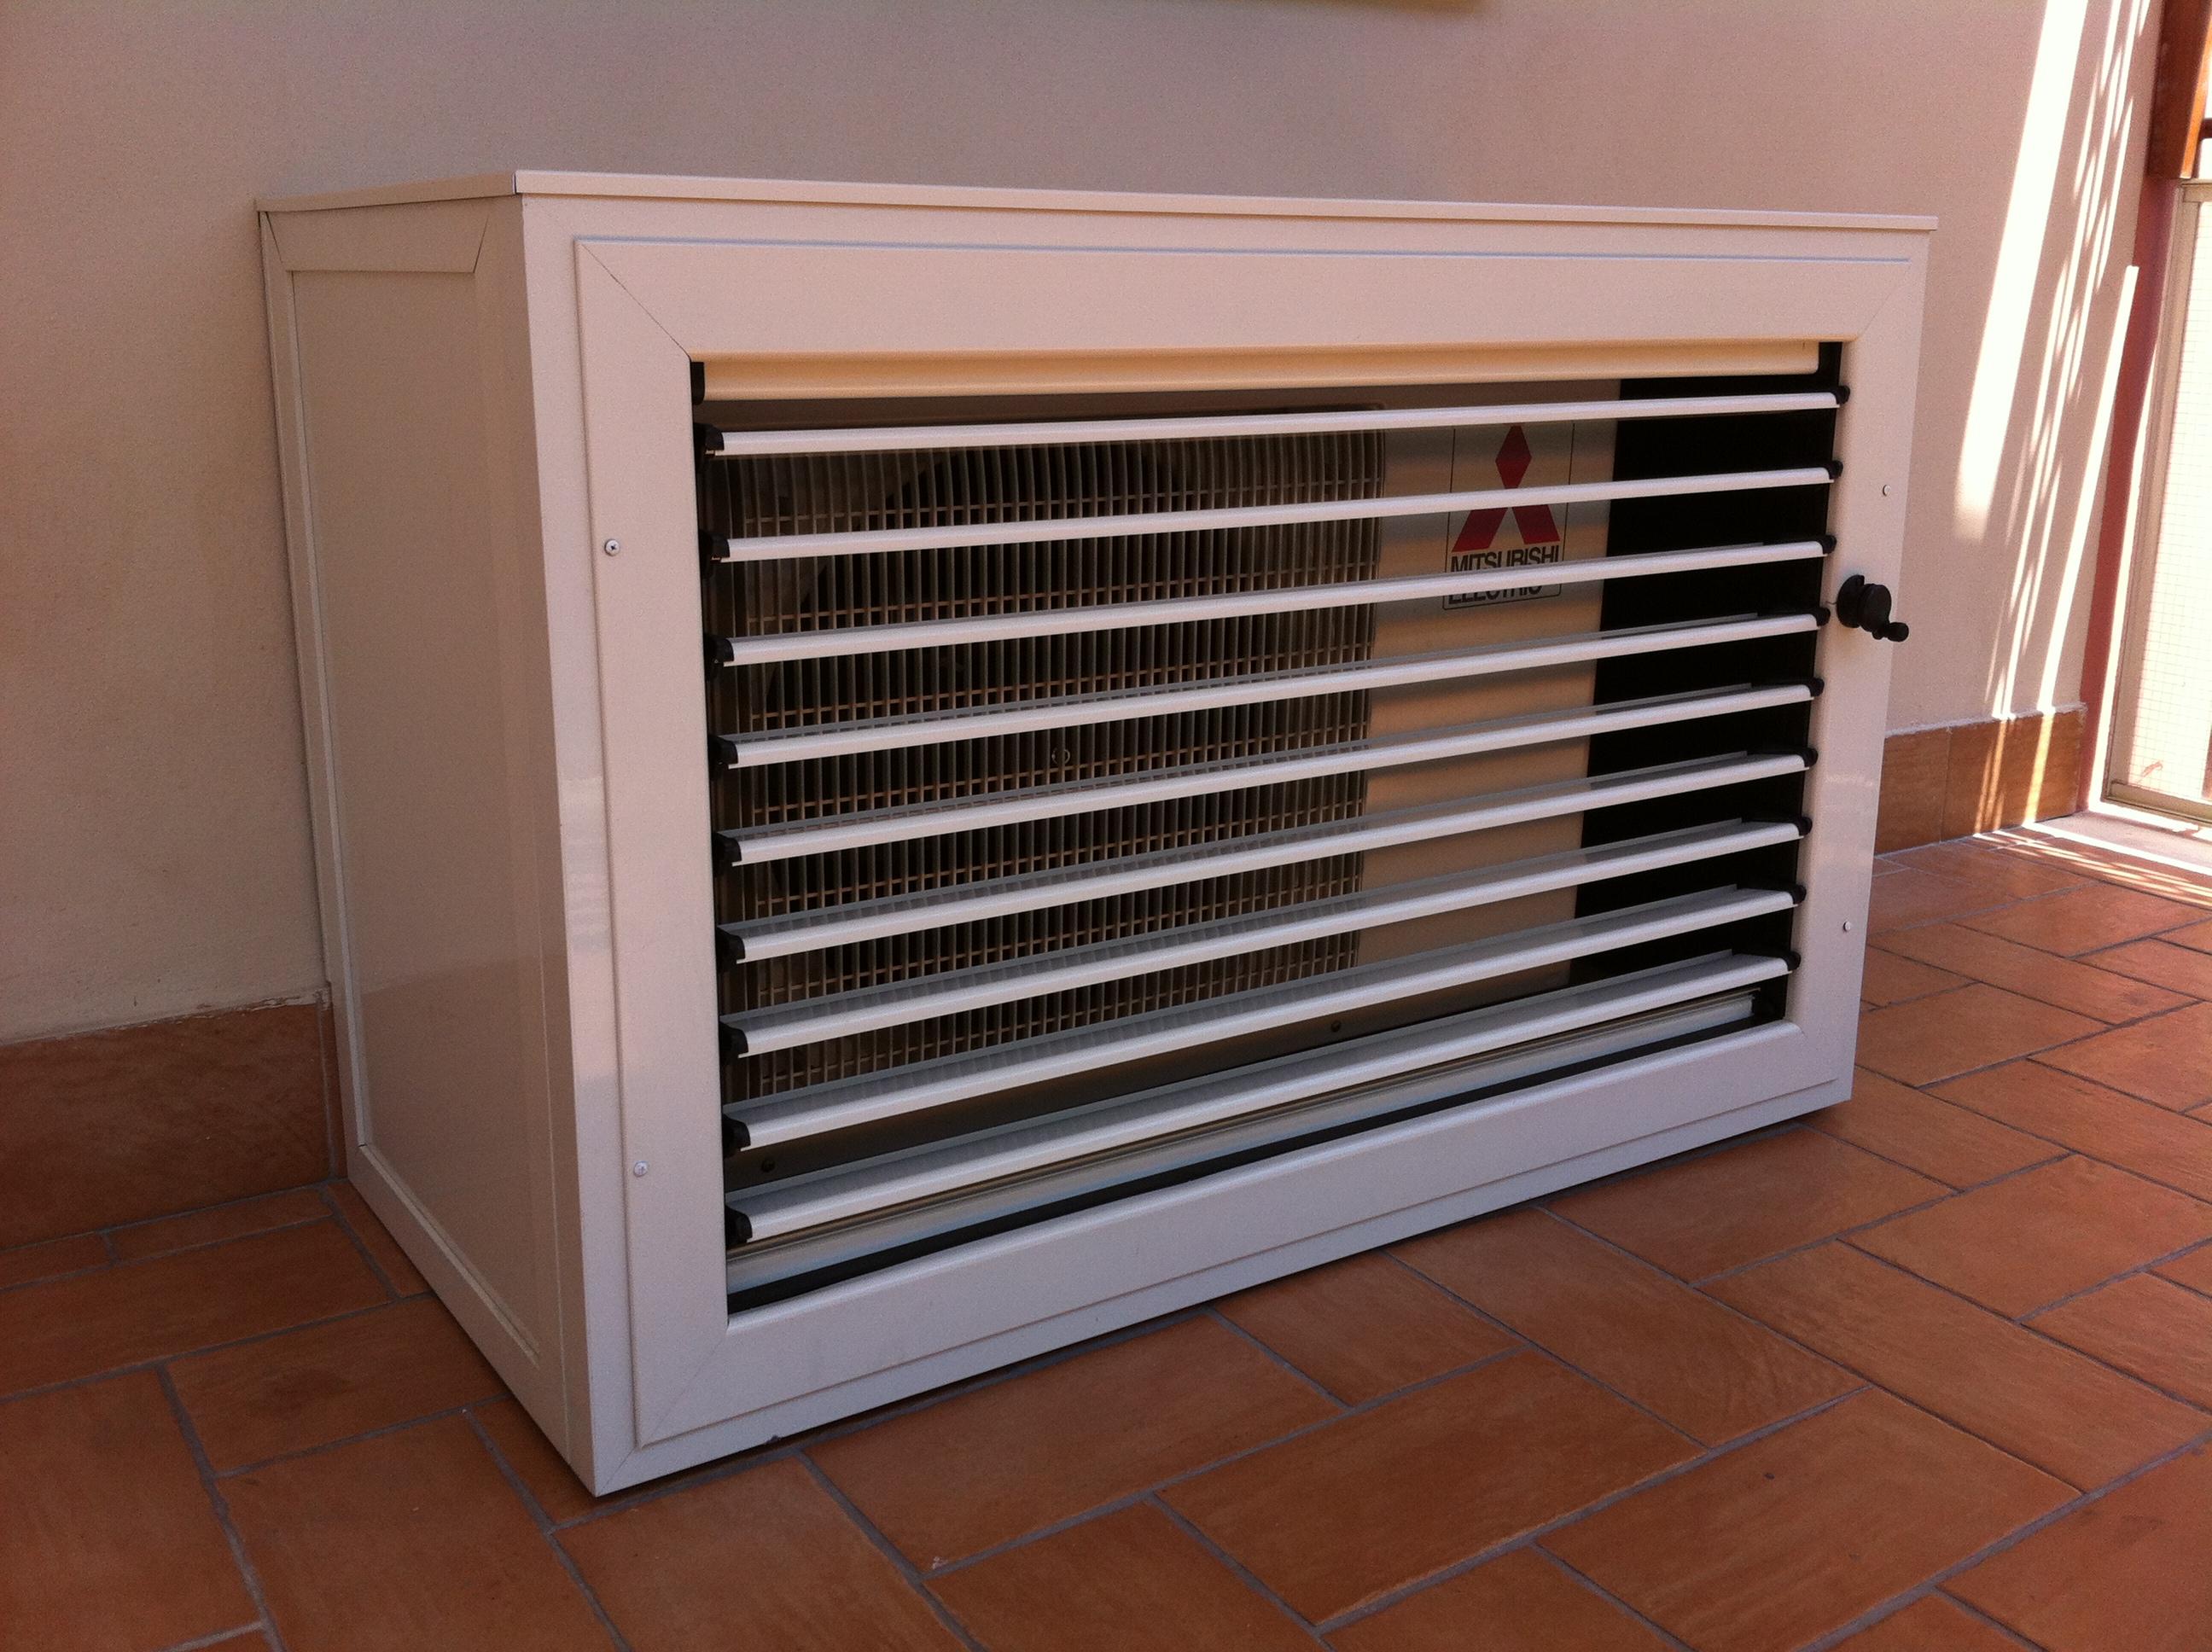 Mobili coprimotore esterno dei condizionatori alfa for Copri muro esterno prezzi